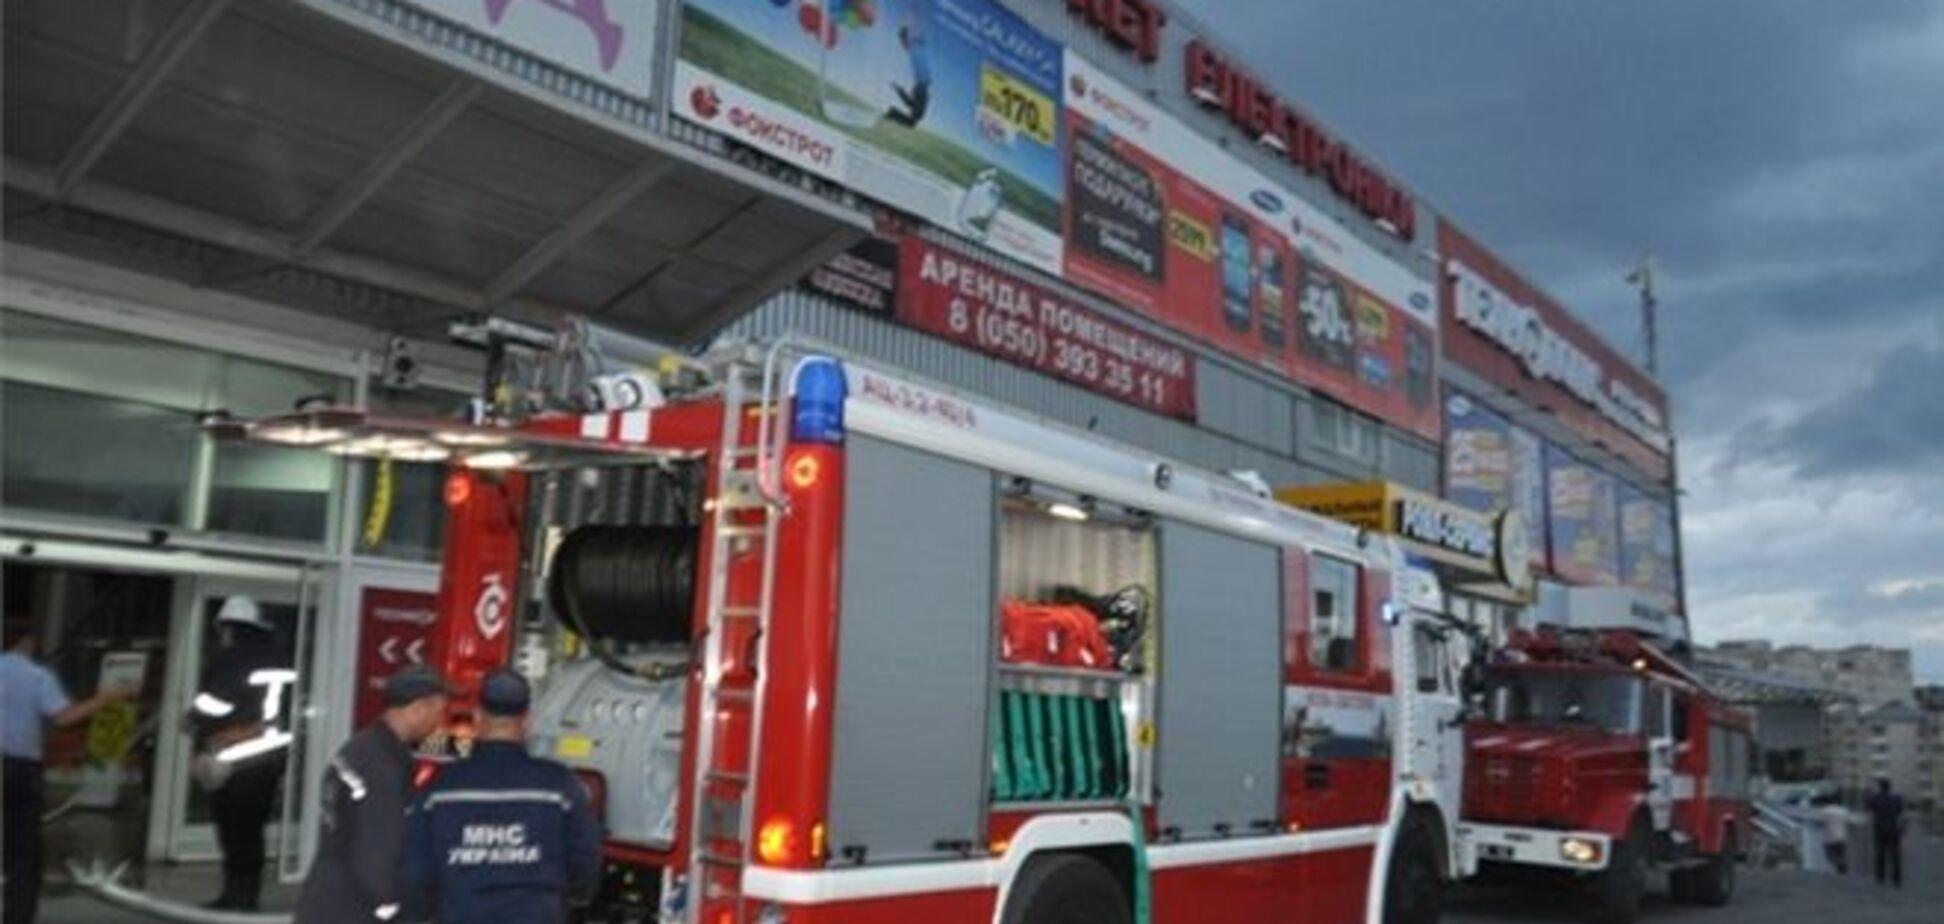 У торговому центрі 'Фокстрот' через пожежу евакуювали покупців